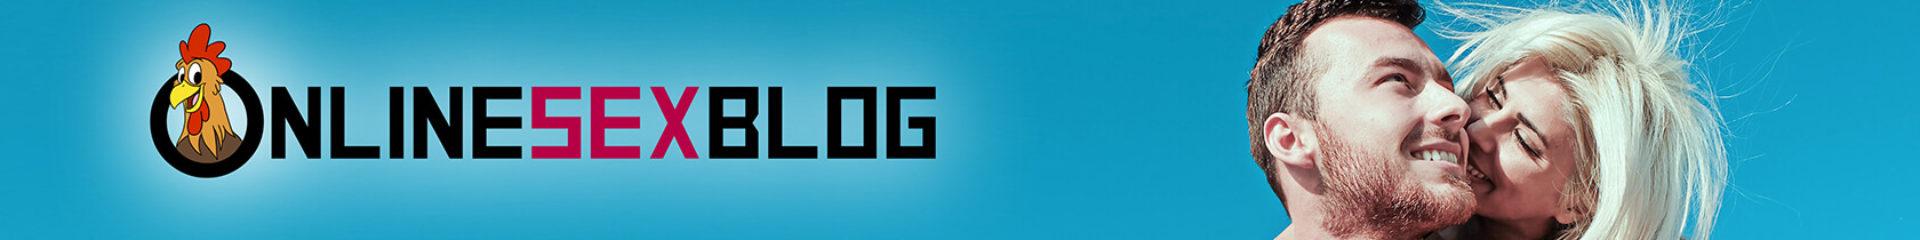 OnlineSexBlog